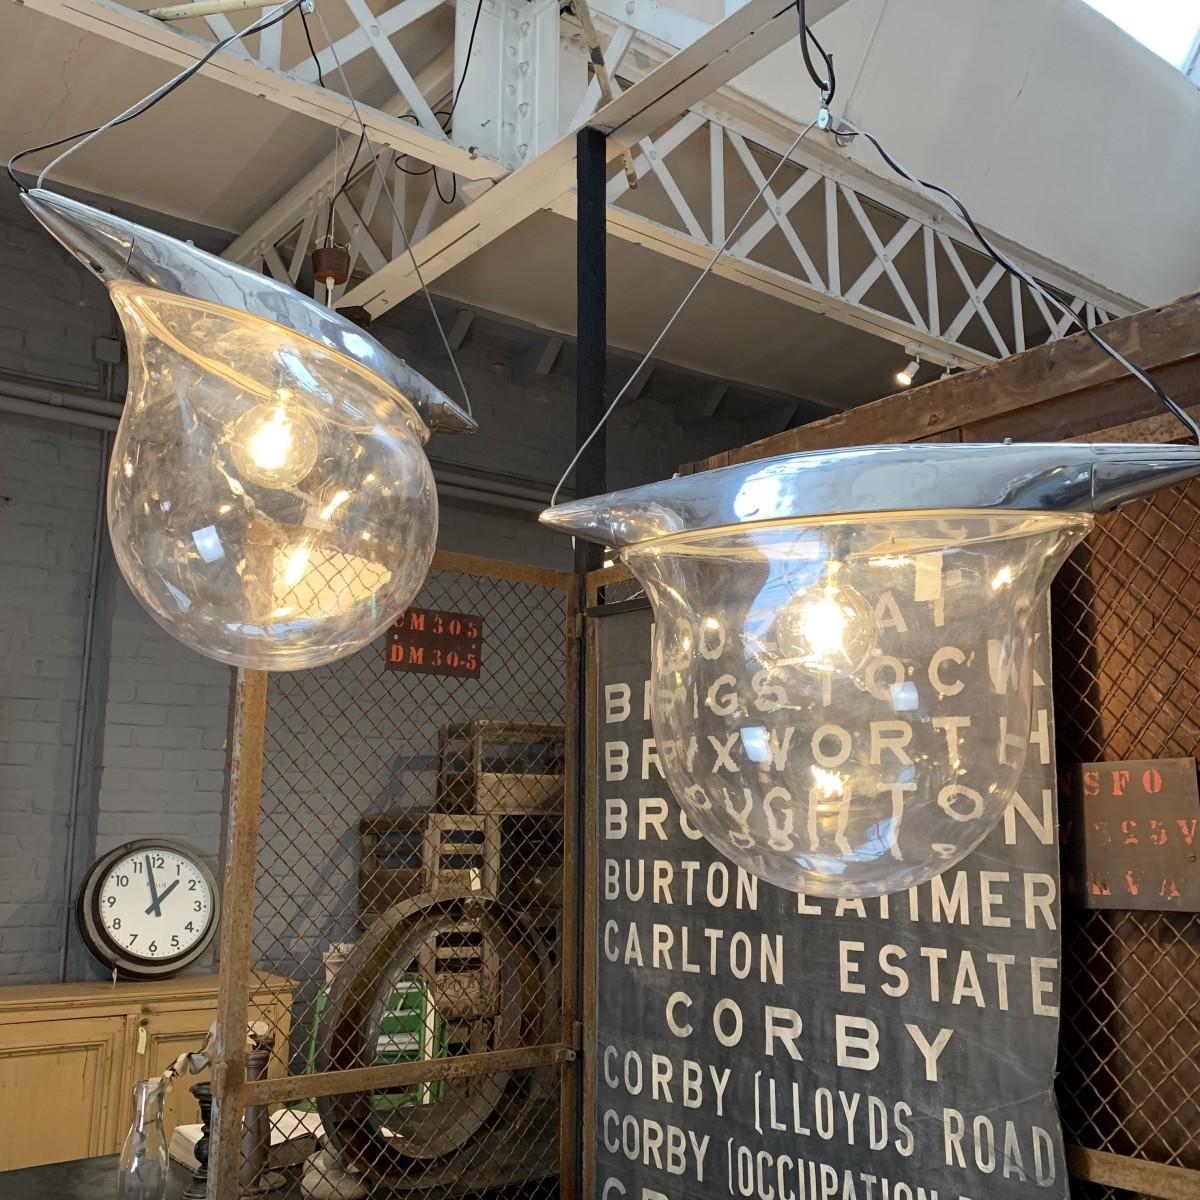 Pair of street lamps design 1970